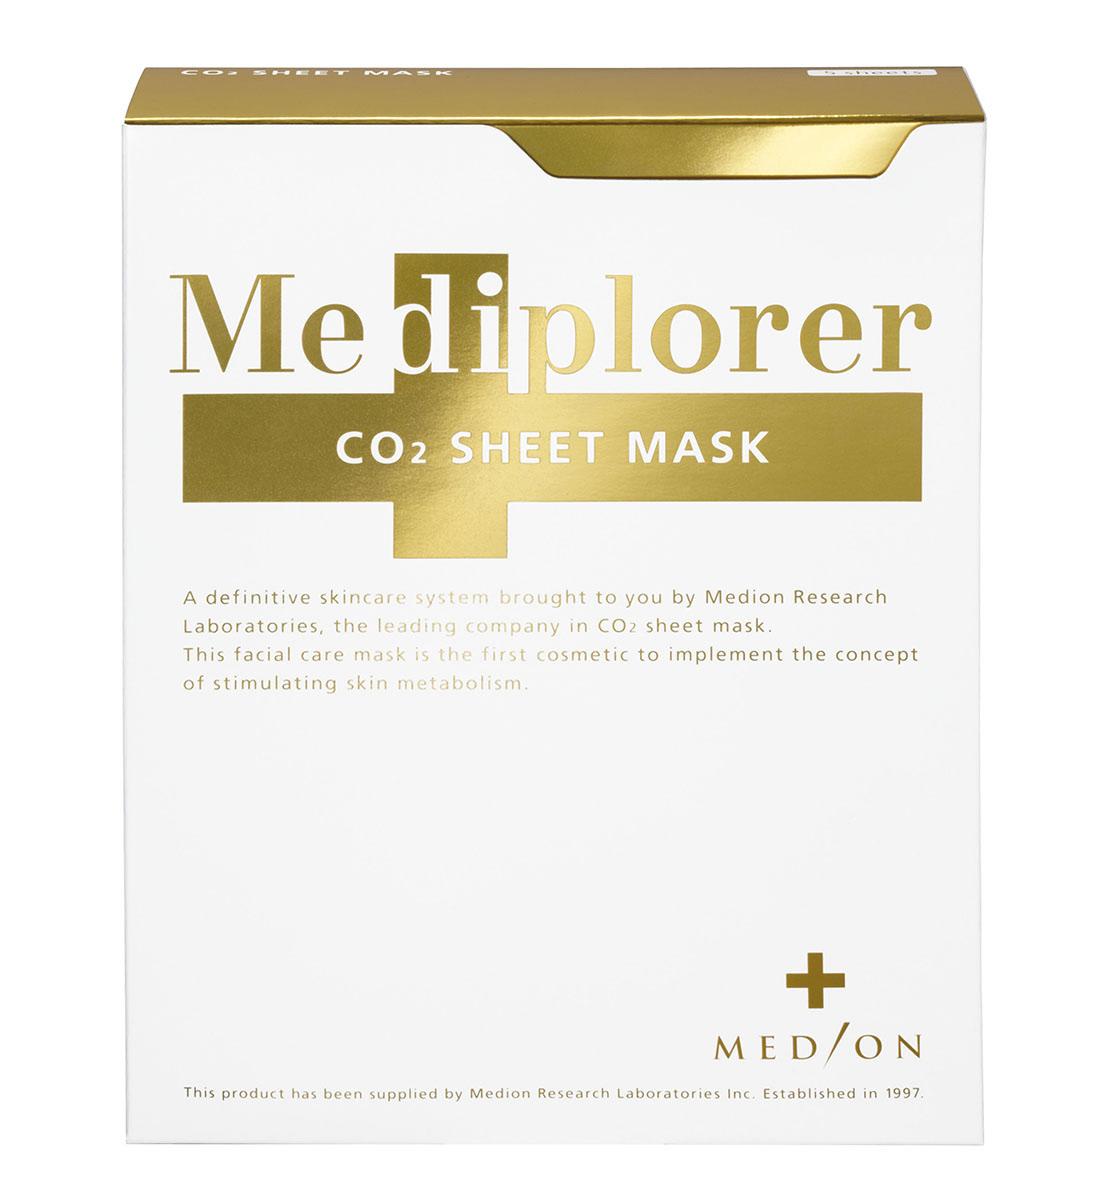 Mediplorer Маска СО2 листовая Sheet Mask, 5 штM004Оживляющая листовая маска на основе углекислого газа и комплекса высокоэффективных компонентов (ацетилированного гиалуроната натрия и экстрактов фитоплаценты розы, артемии (морского планктона) и морской травы). Стимулирует клеточный метаболизм, обладает ревитализирующим действием, интенсивно увлажняет и регулирует баланс кожи. Маска также обеспечивает более глубокое проникновение активных компонентов всех средств Mediplorer и заметный положительный эффект. Рекомендуется для всех типов кожи.